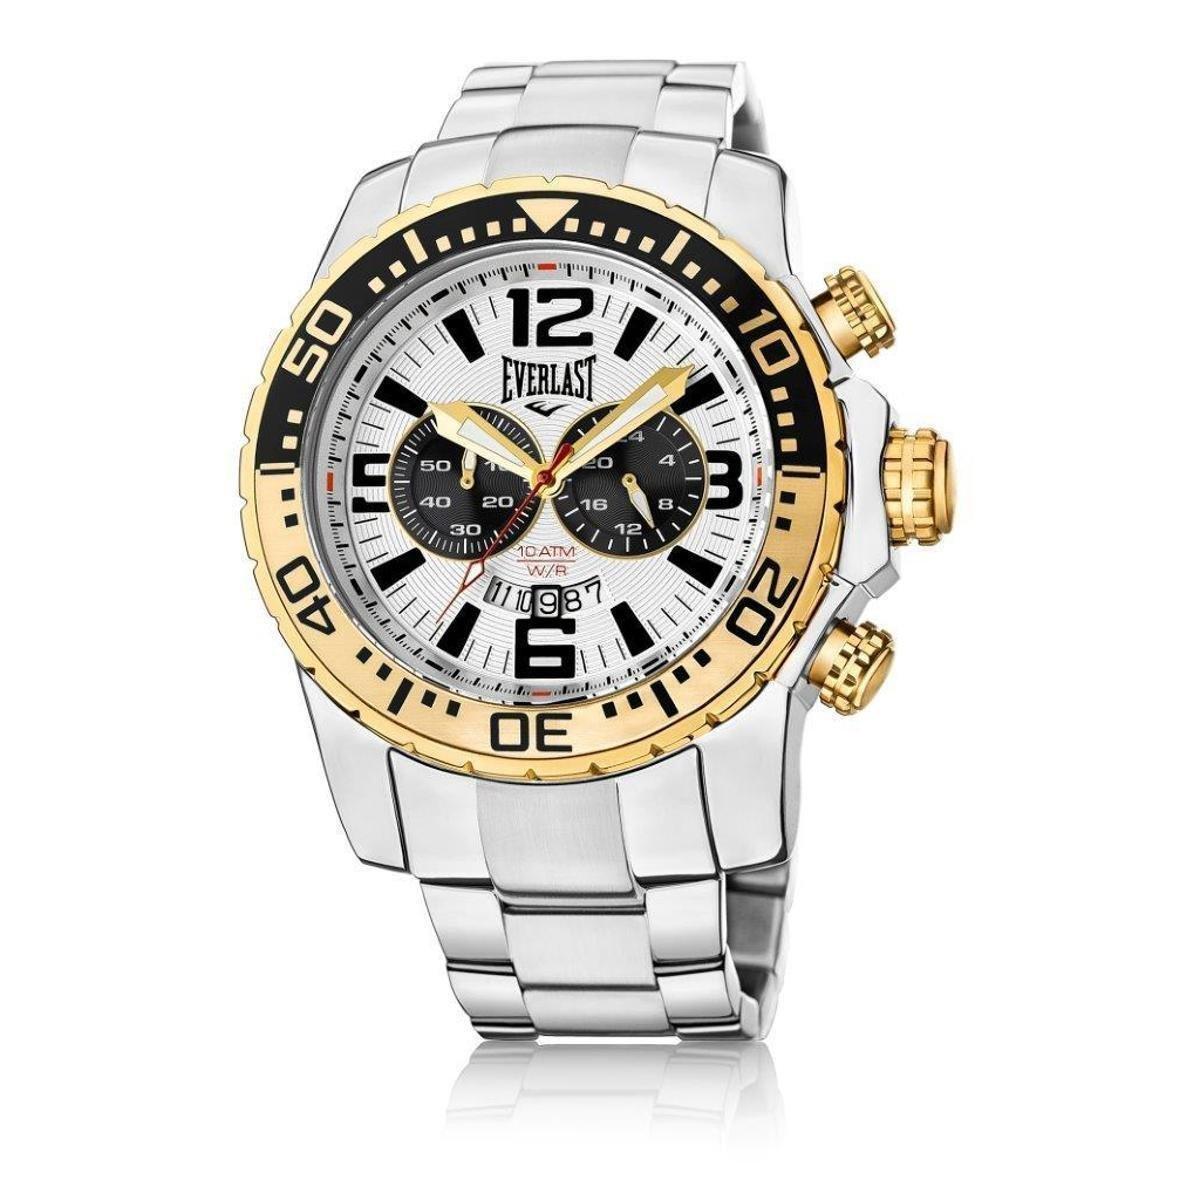 66a01cfec04 Relógio Everlast Cronógrafo Cx e Pulseira Aço Masculino - Prata ...